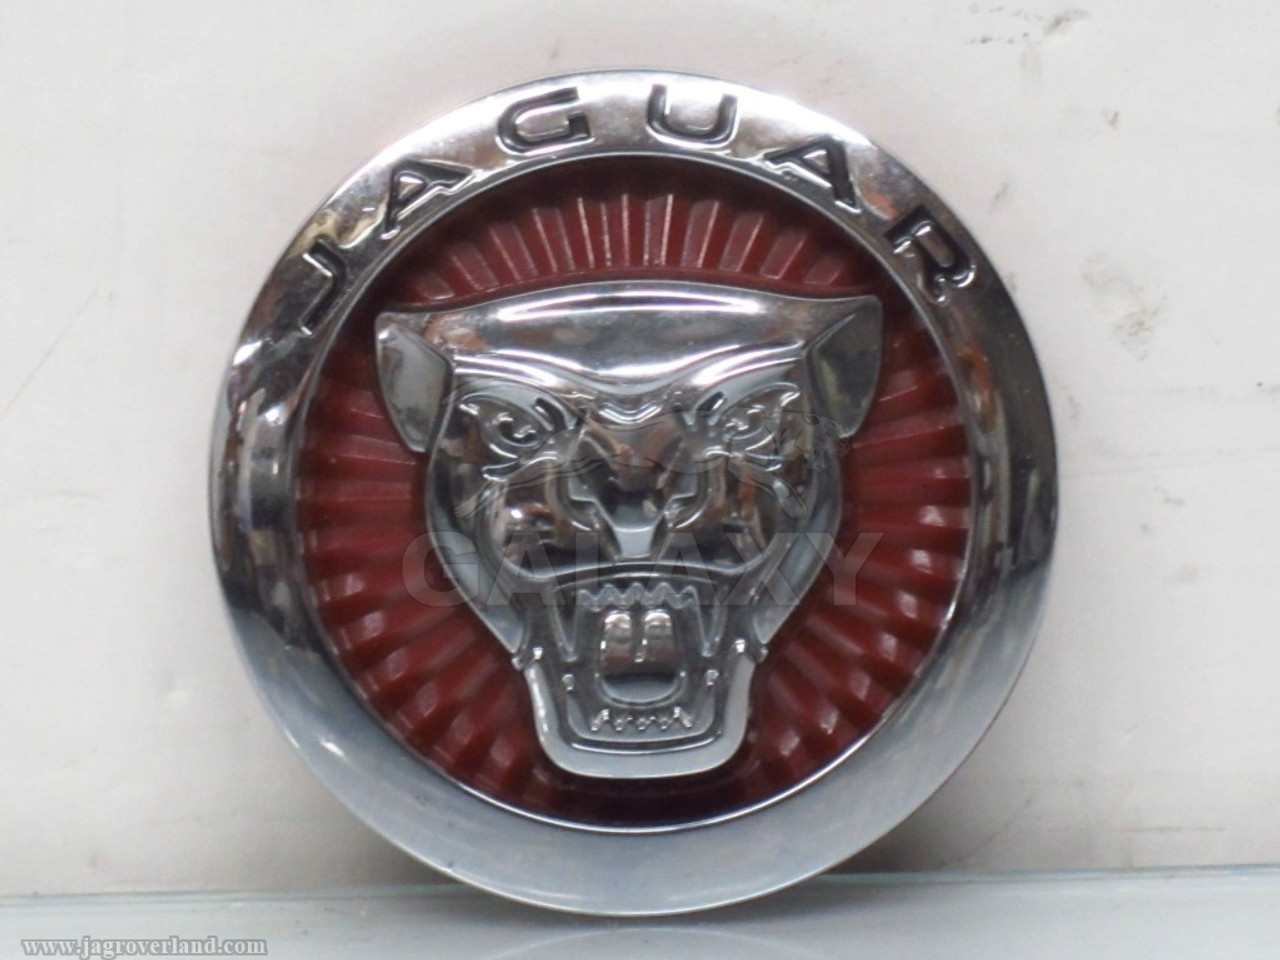 Front Bumper Grille 3D Logo Emblem For Jaguar Car Logo XJ XF XK X-TYPE Auto Head Decoration Refit Accessories QMZDXH Car Front Grill Grille Emblem Badge